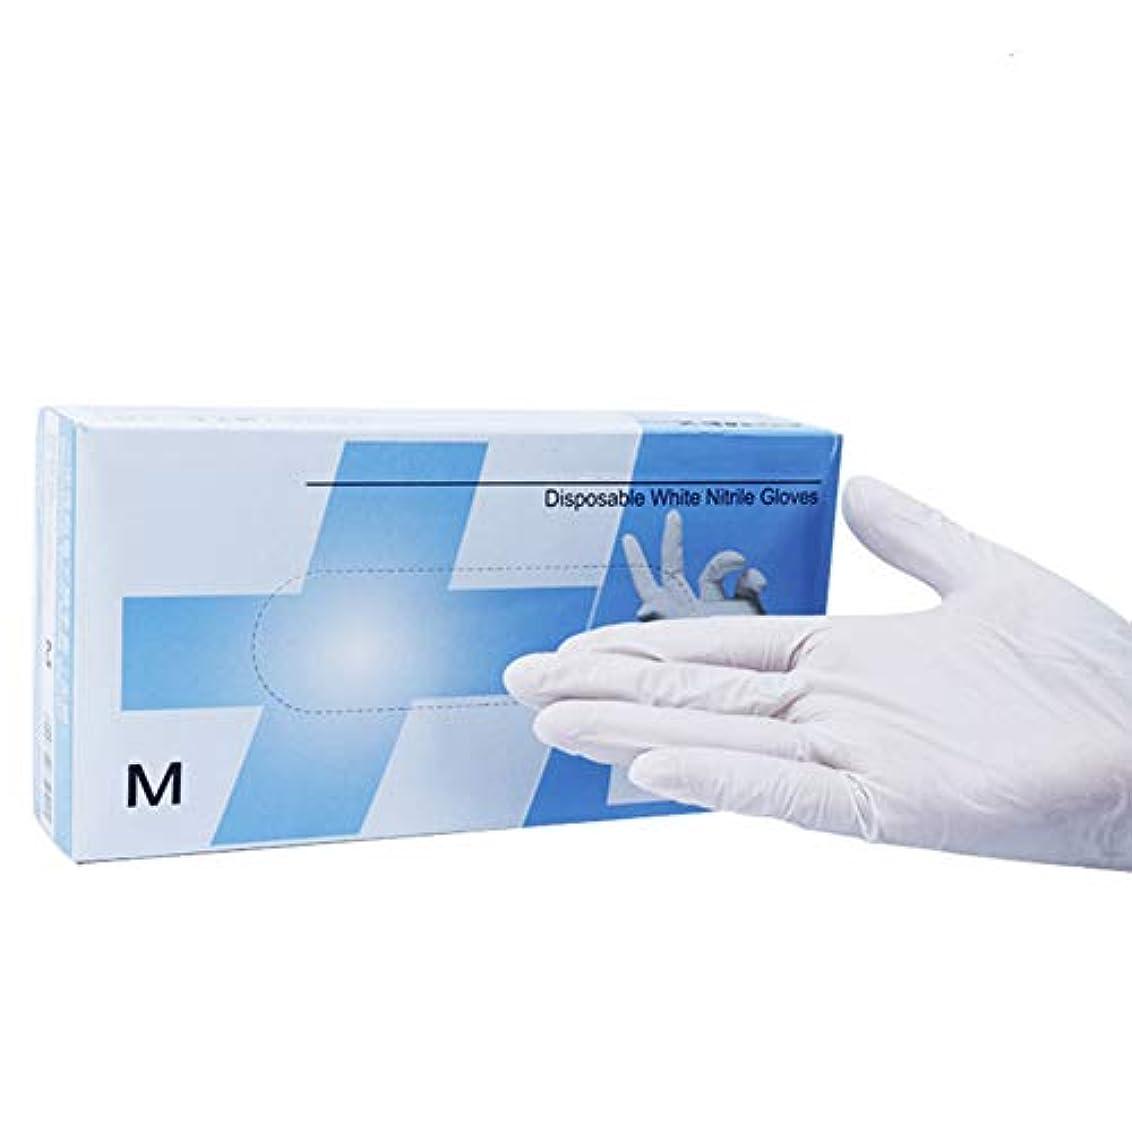 もの奨励します適合しましたパウダーフリー 生殖不能 メディカル 白 ニトリル 手袋、 使い捨て 安全性 滑り止め ビニール 検査 グローブ、 に適し クリーニング、 食品加工、 (100個/ 1箱),M